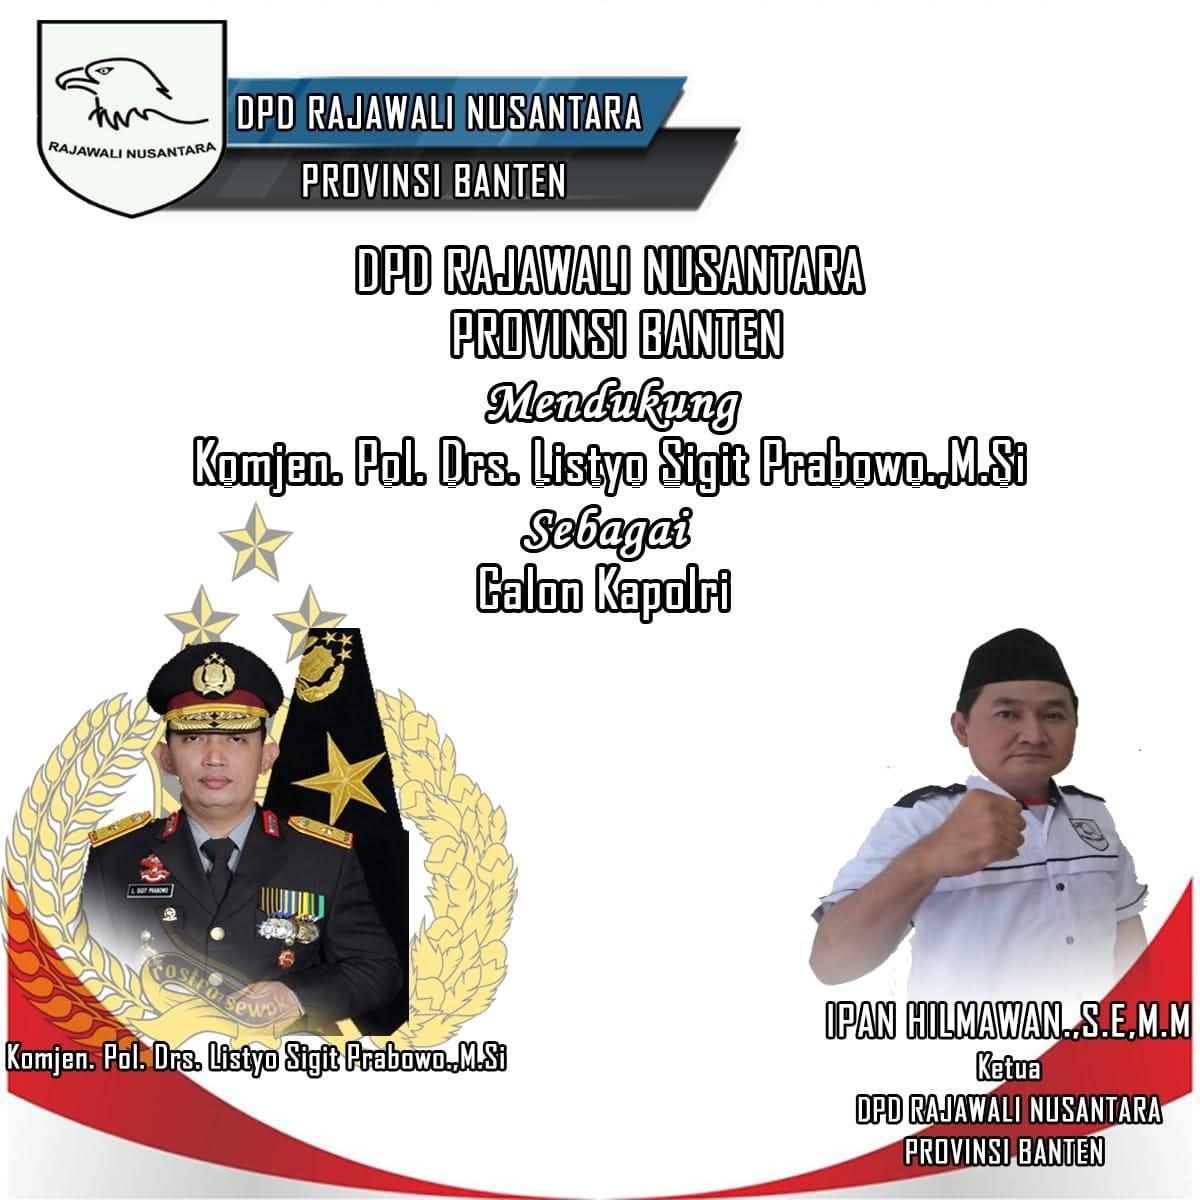 DPD Rajawali Nusantara Dukung Listyo Sigit Jadi Kapolri